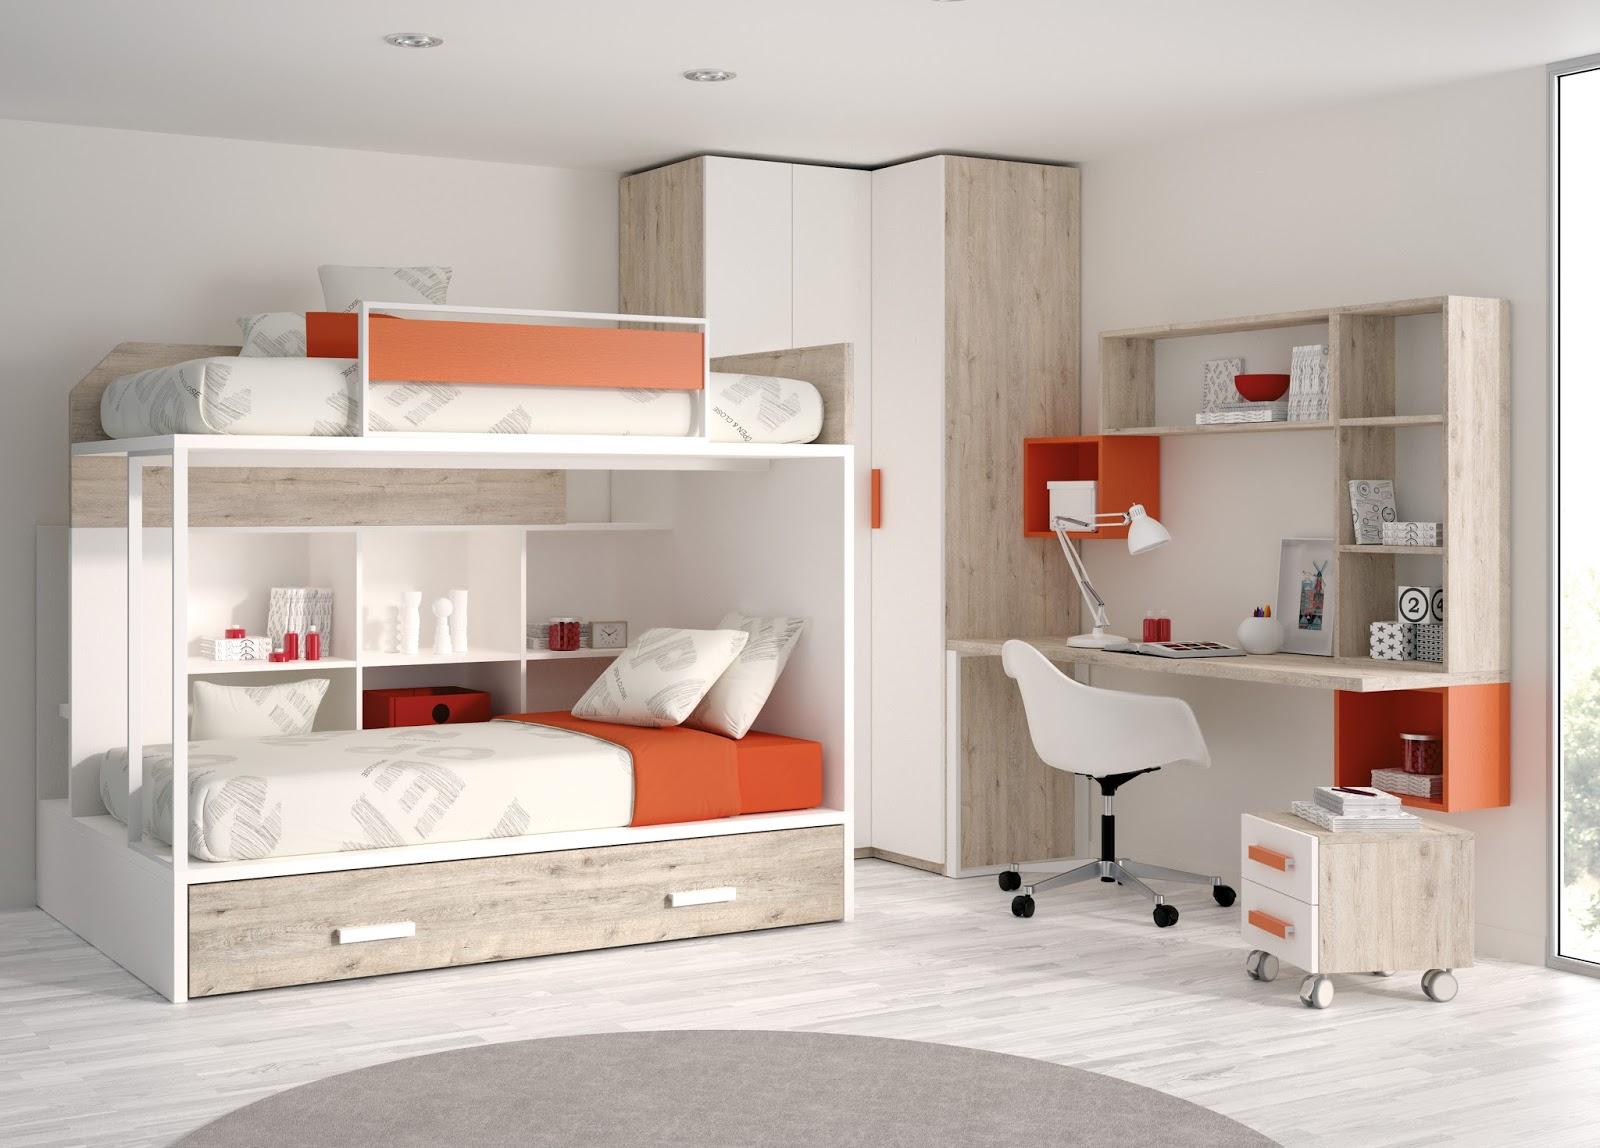 Habitaciones juveniles con litera - Habitaciones juveniles literas ...